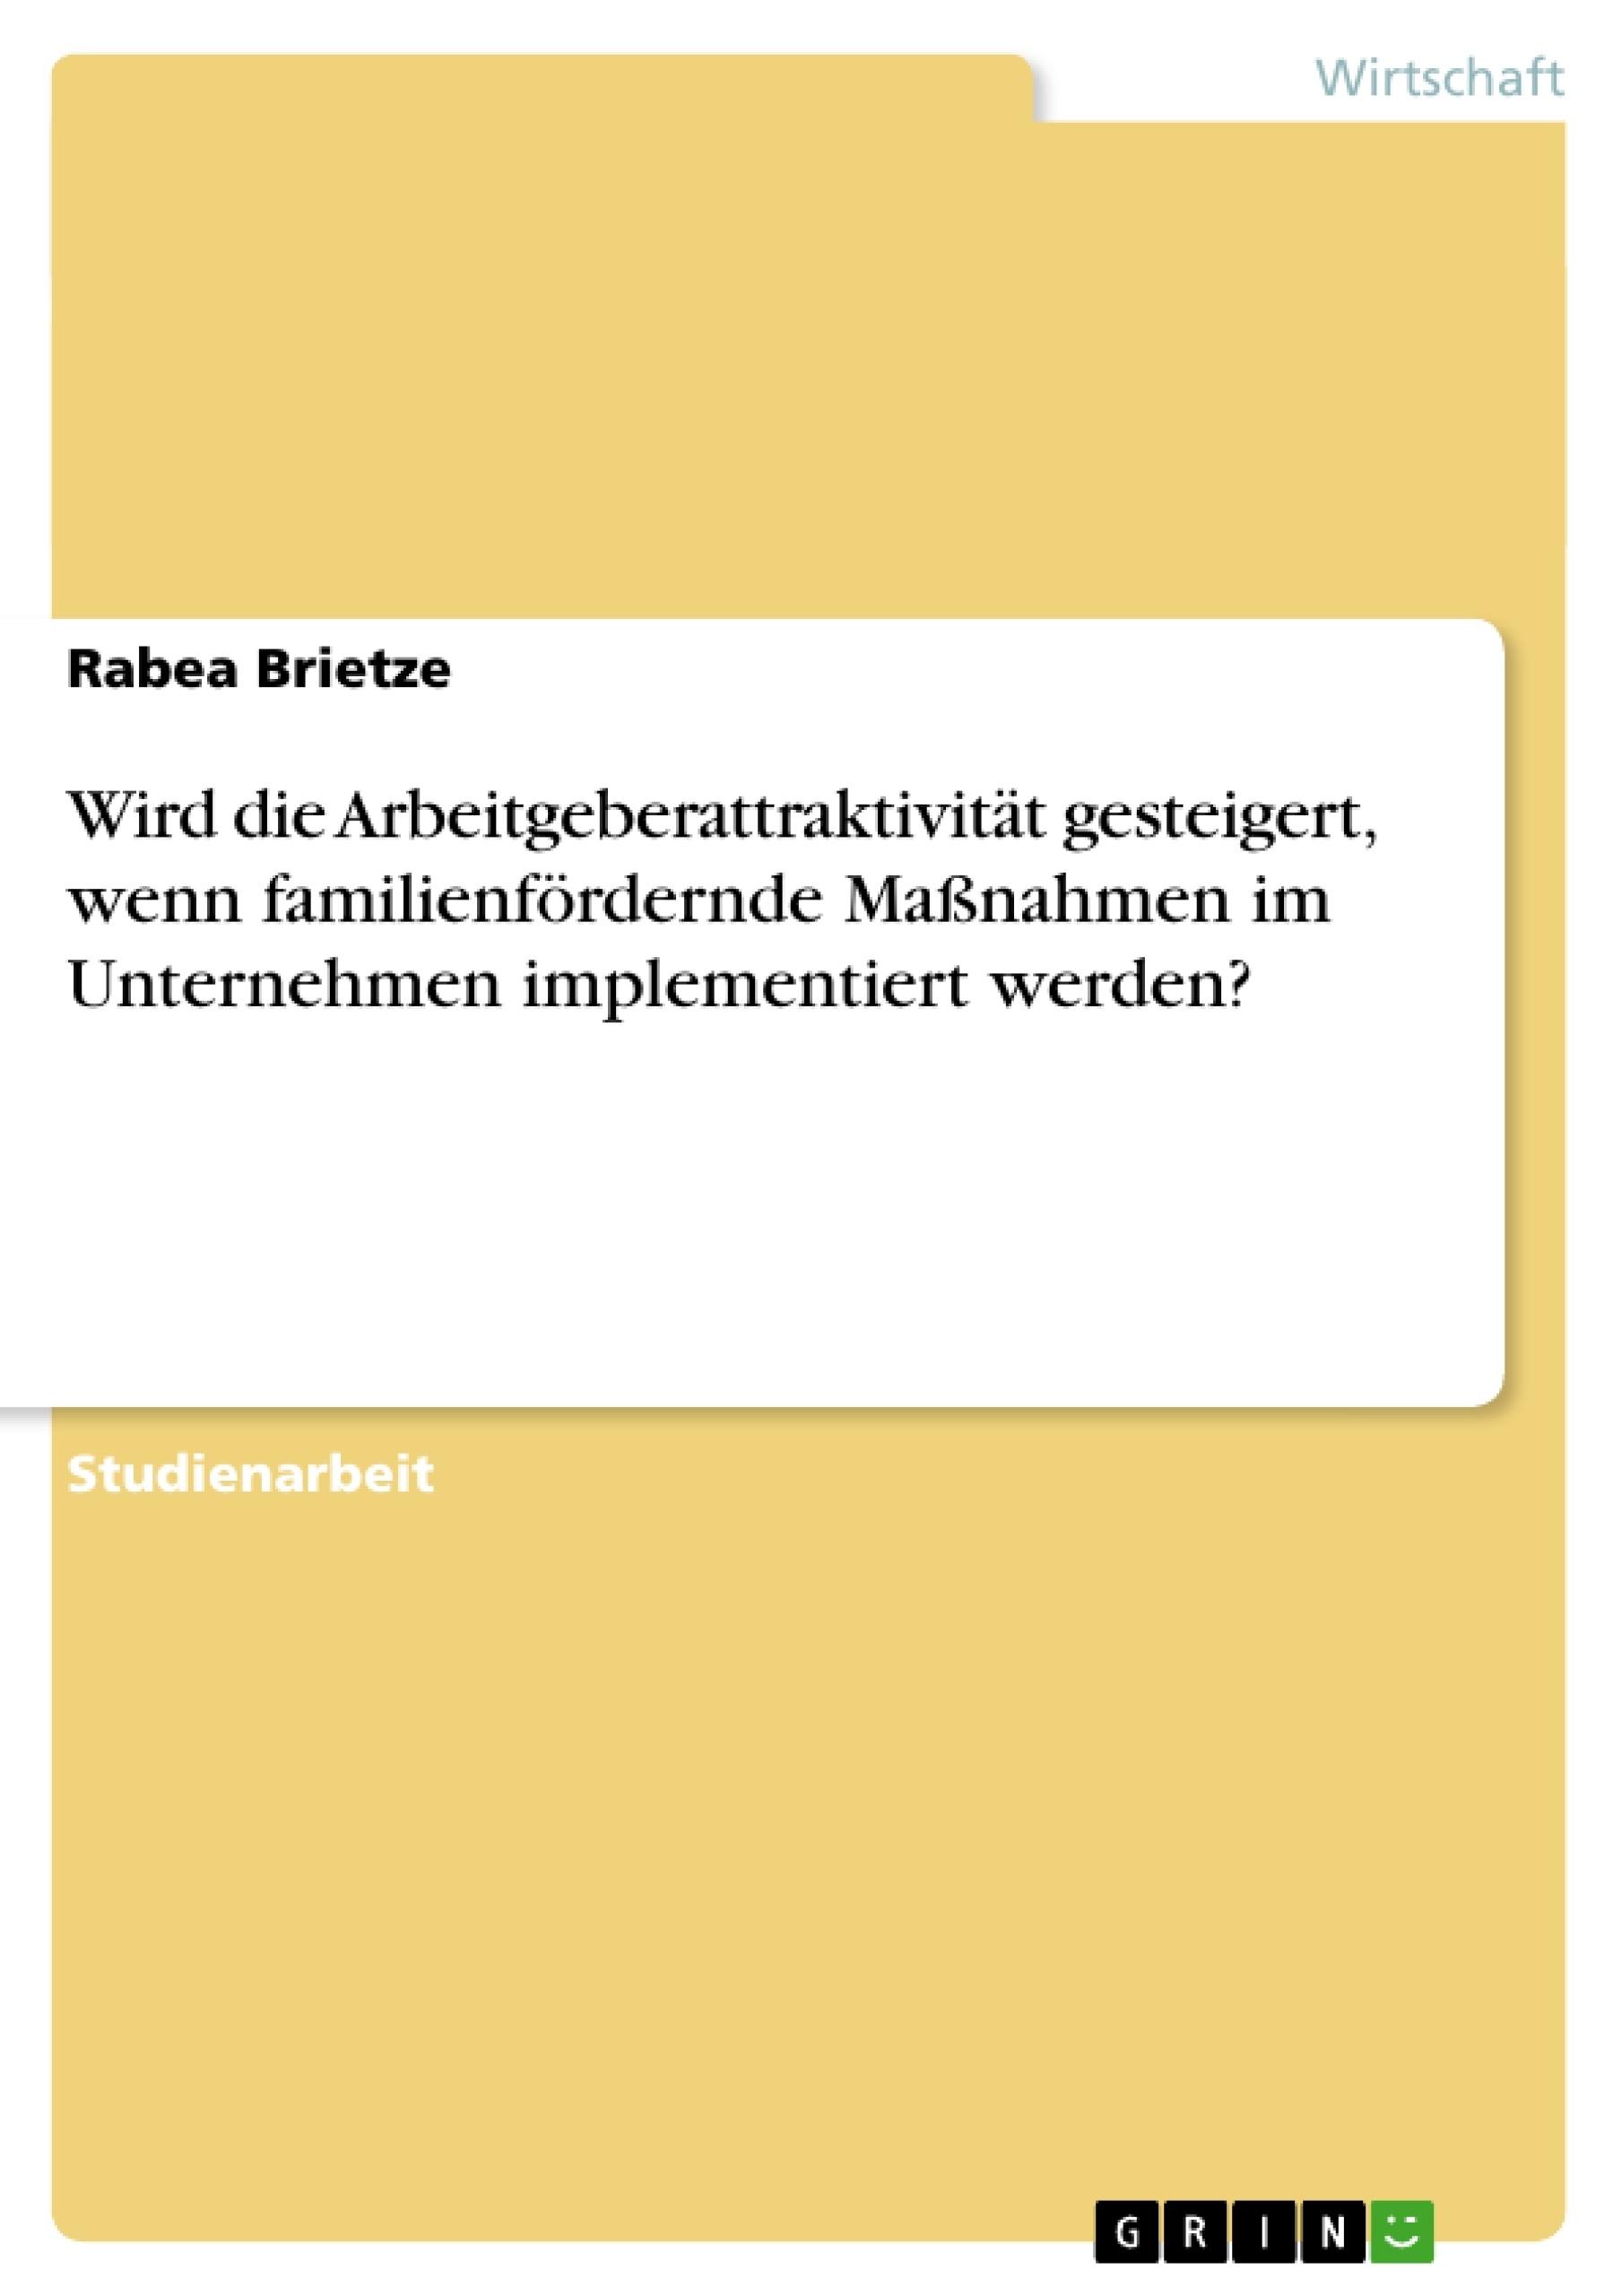 Titel: Wird die Arbeitgeberattraktivität gesteigert, wenn familienfördernde Maßnahmen im Unternehmen implementiert werden?